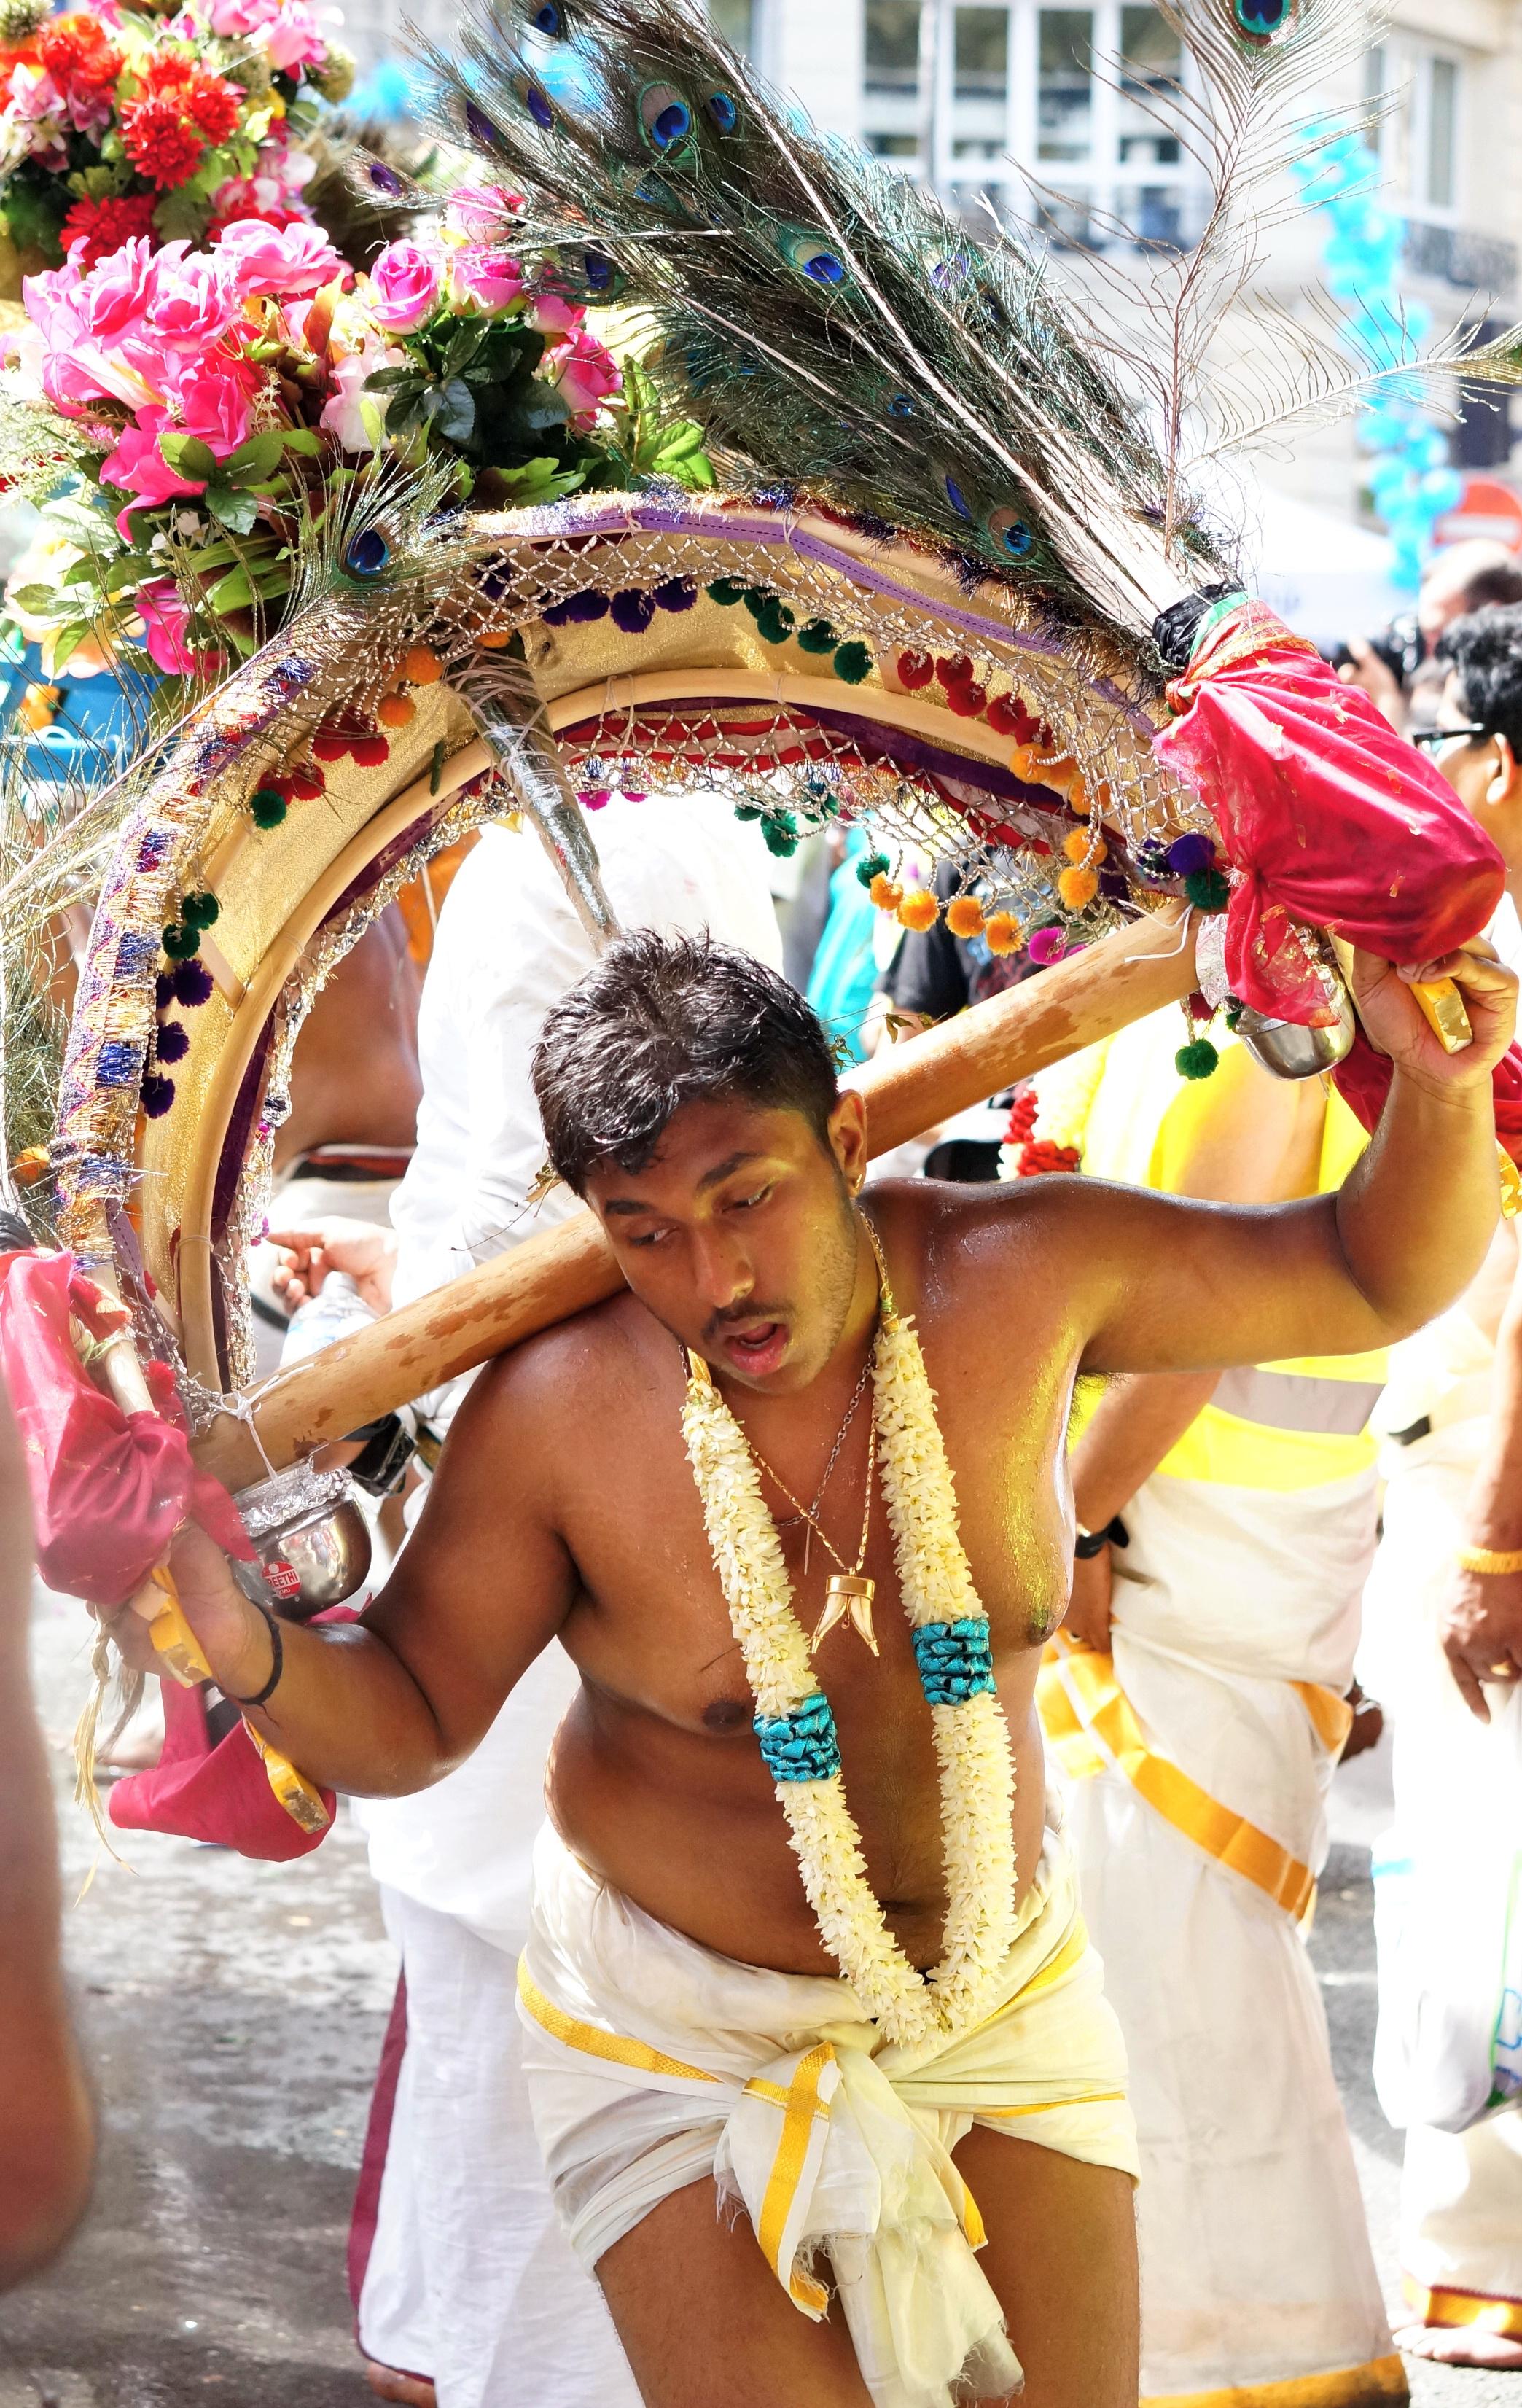 fête de ganesh, ganesha, paris indien, paris, paris insolite, cortège de ganesh, kavadi, danseur